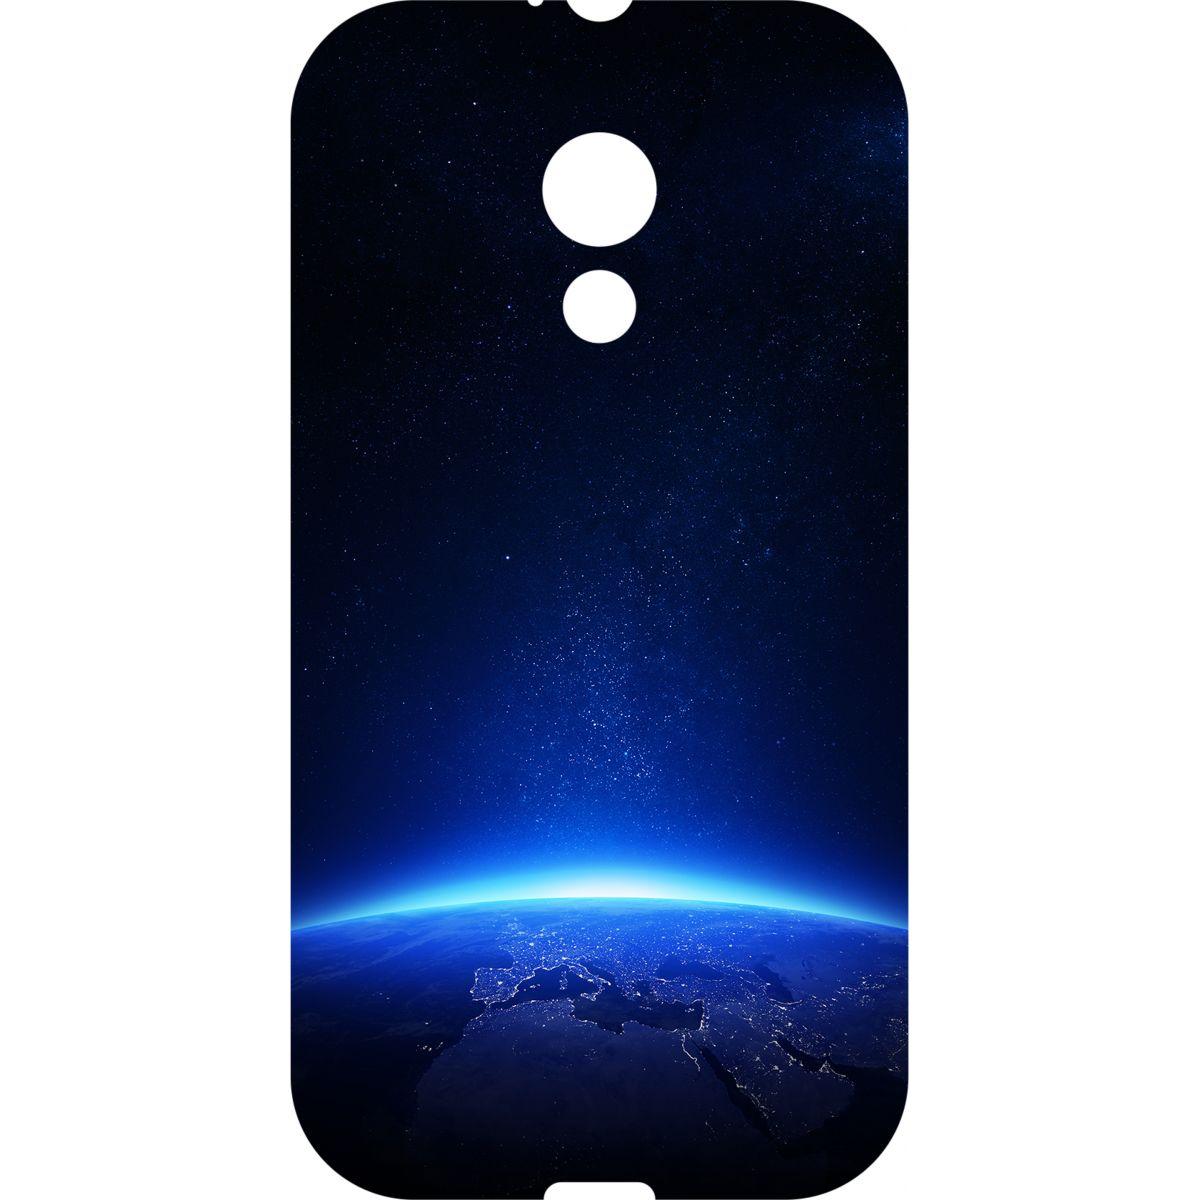 Capa Personalizada para Motorola Moto G2 Xt1069 Xt1068 - HT20